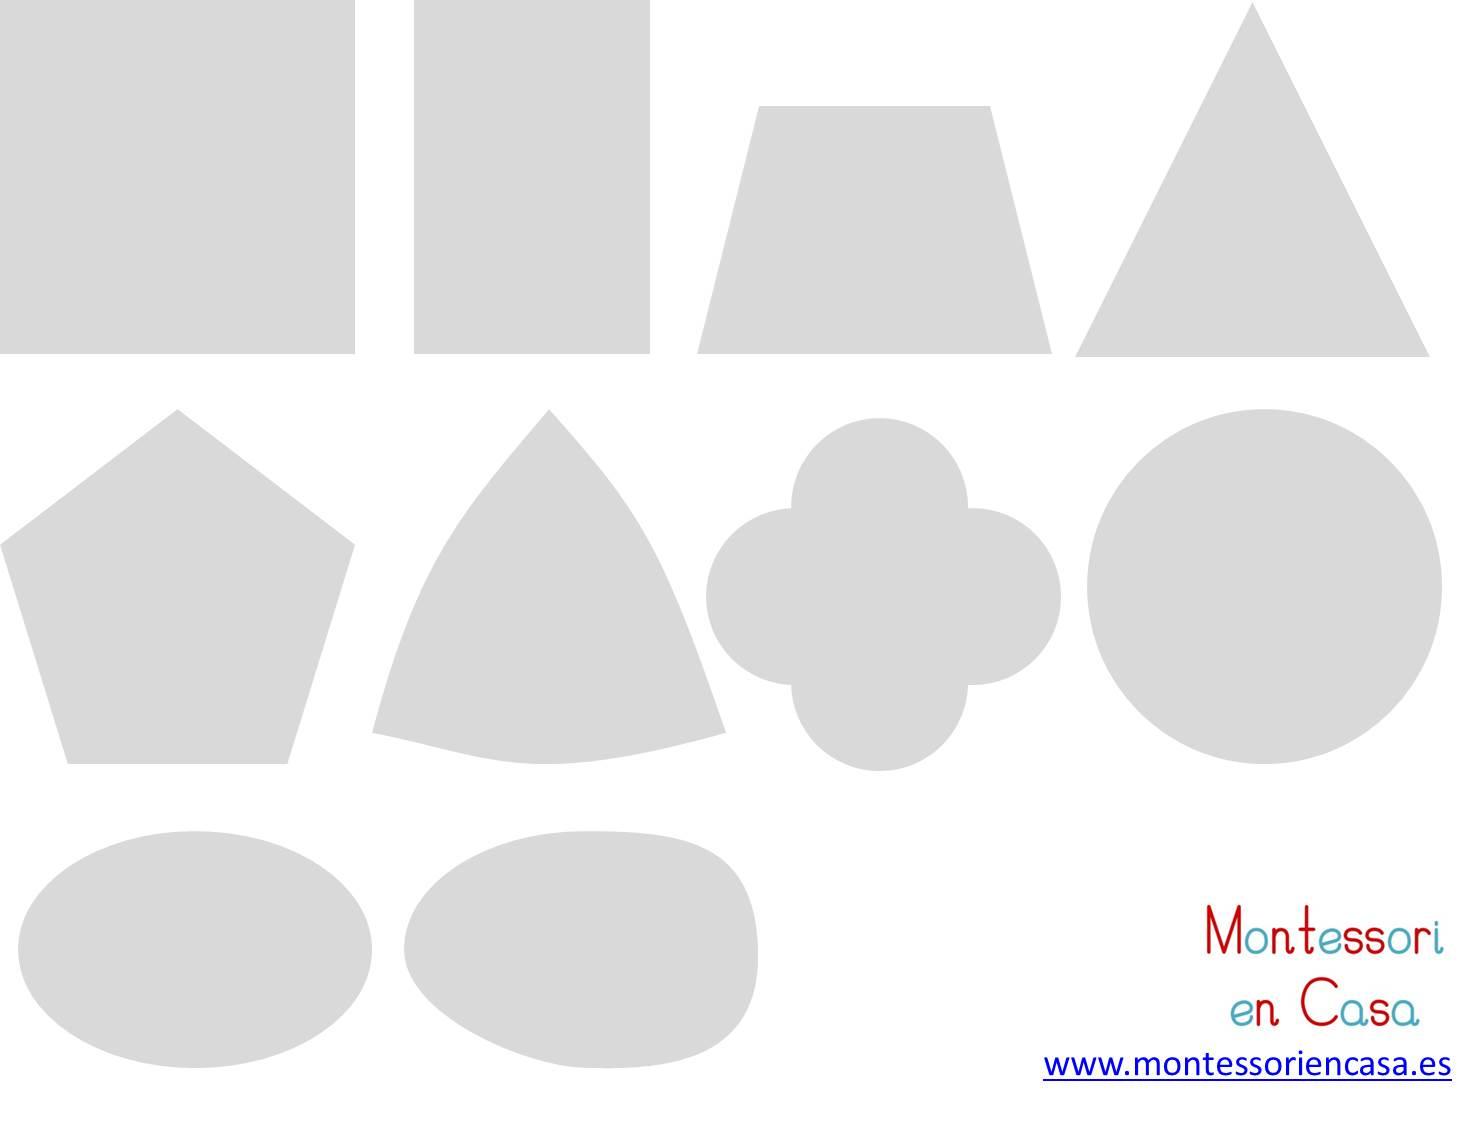 Plantilla resaques Montessori